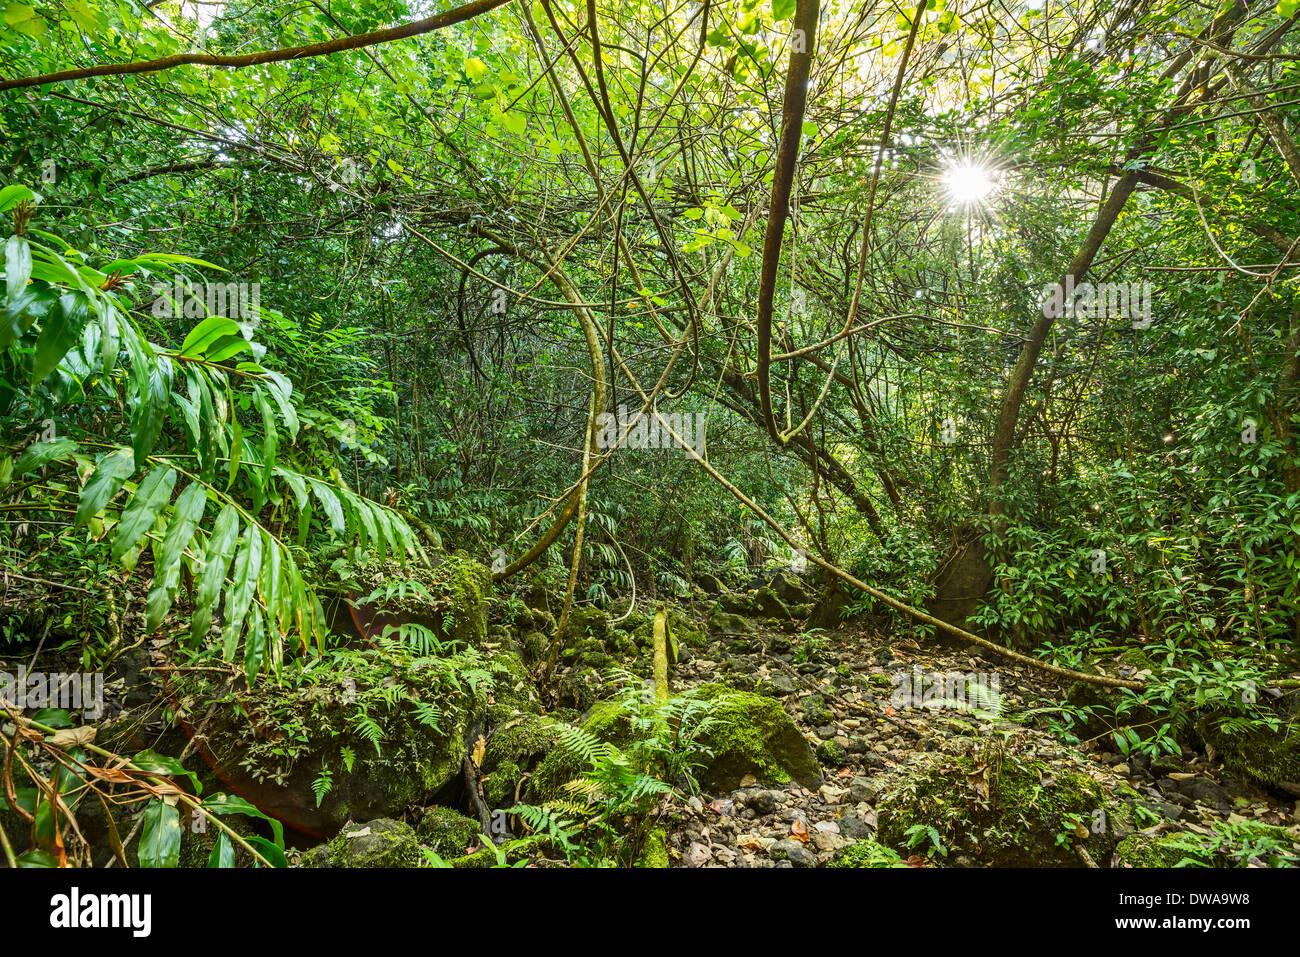 The Jungles of Nahiku on the Hawaiian Island of Maui. Stock Photo